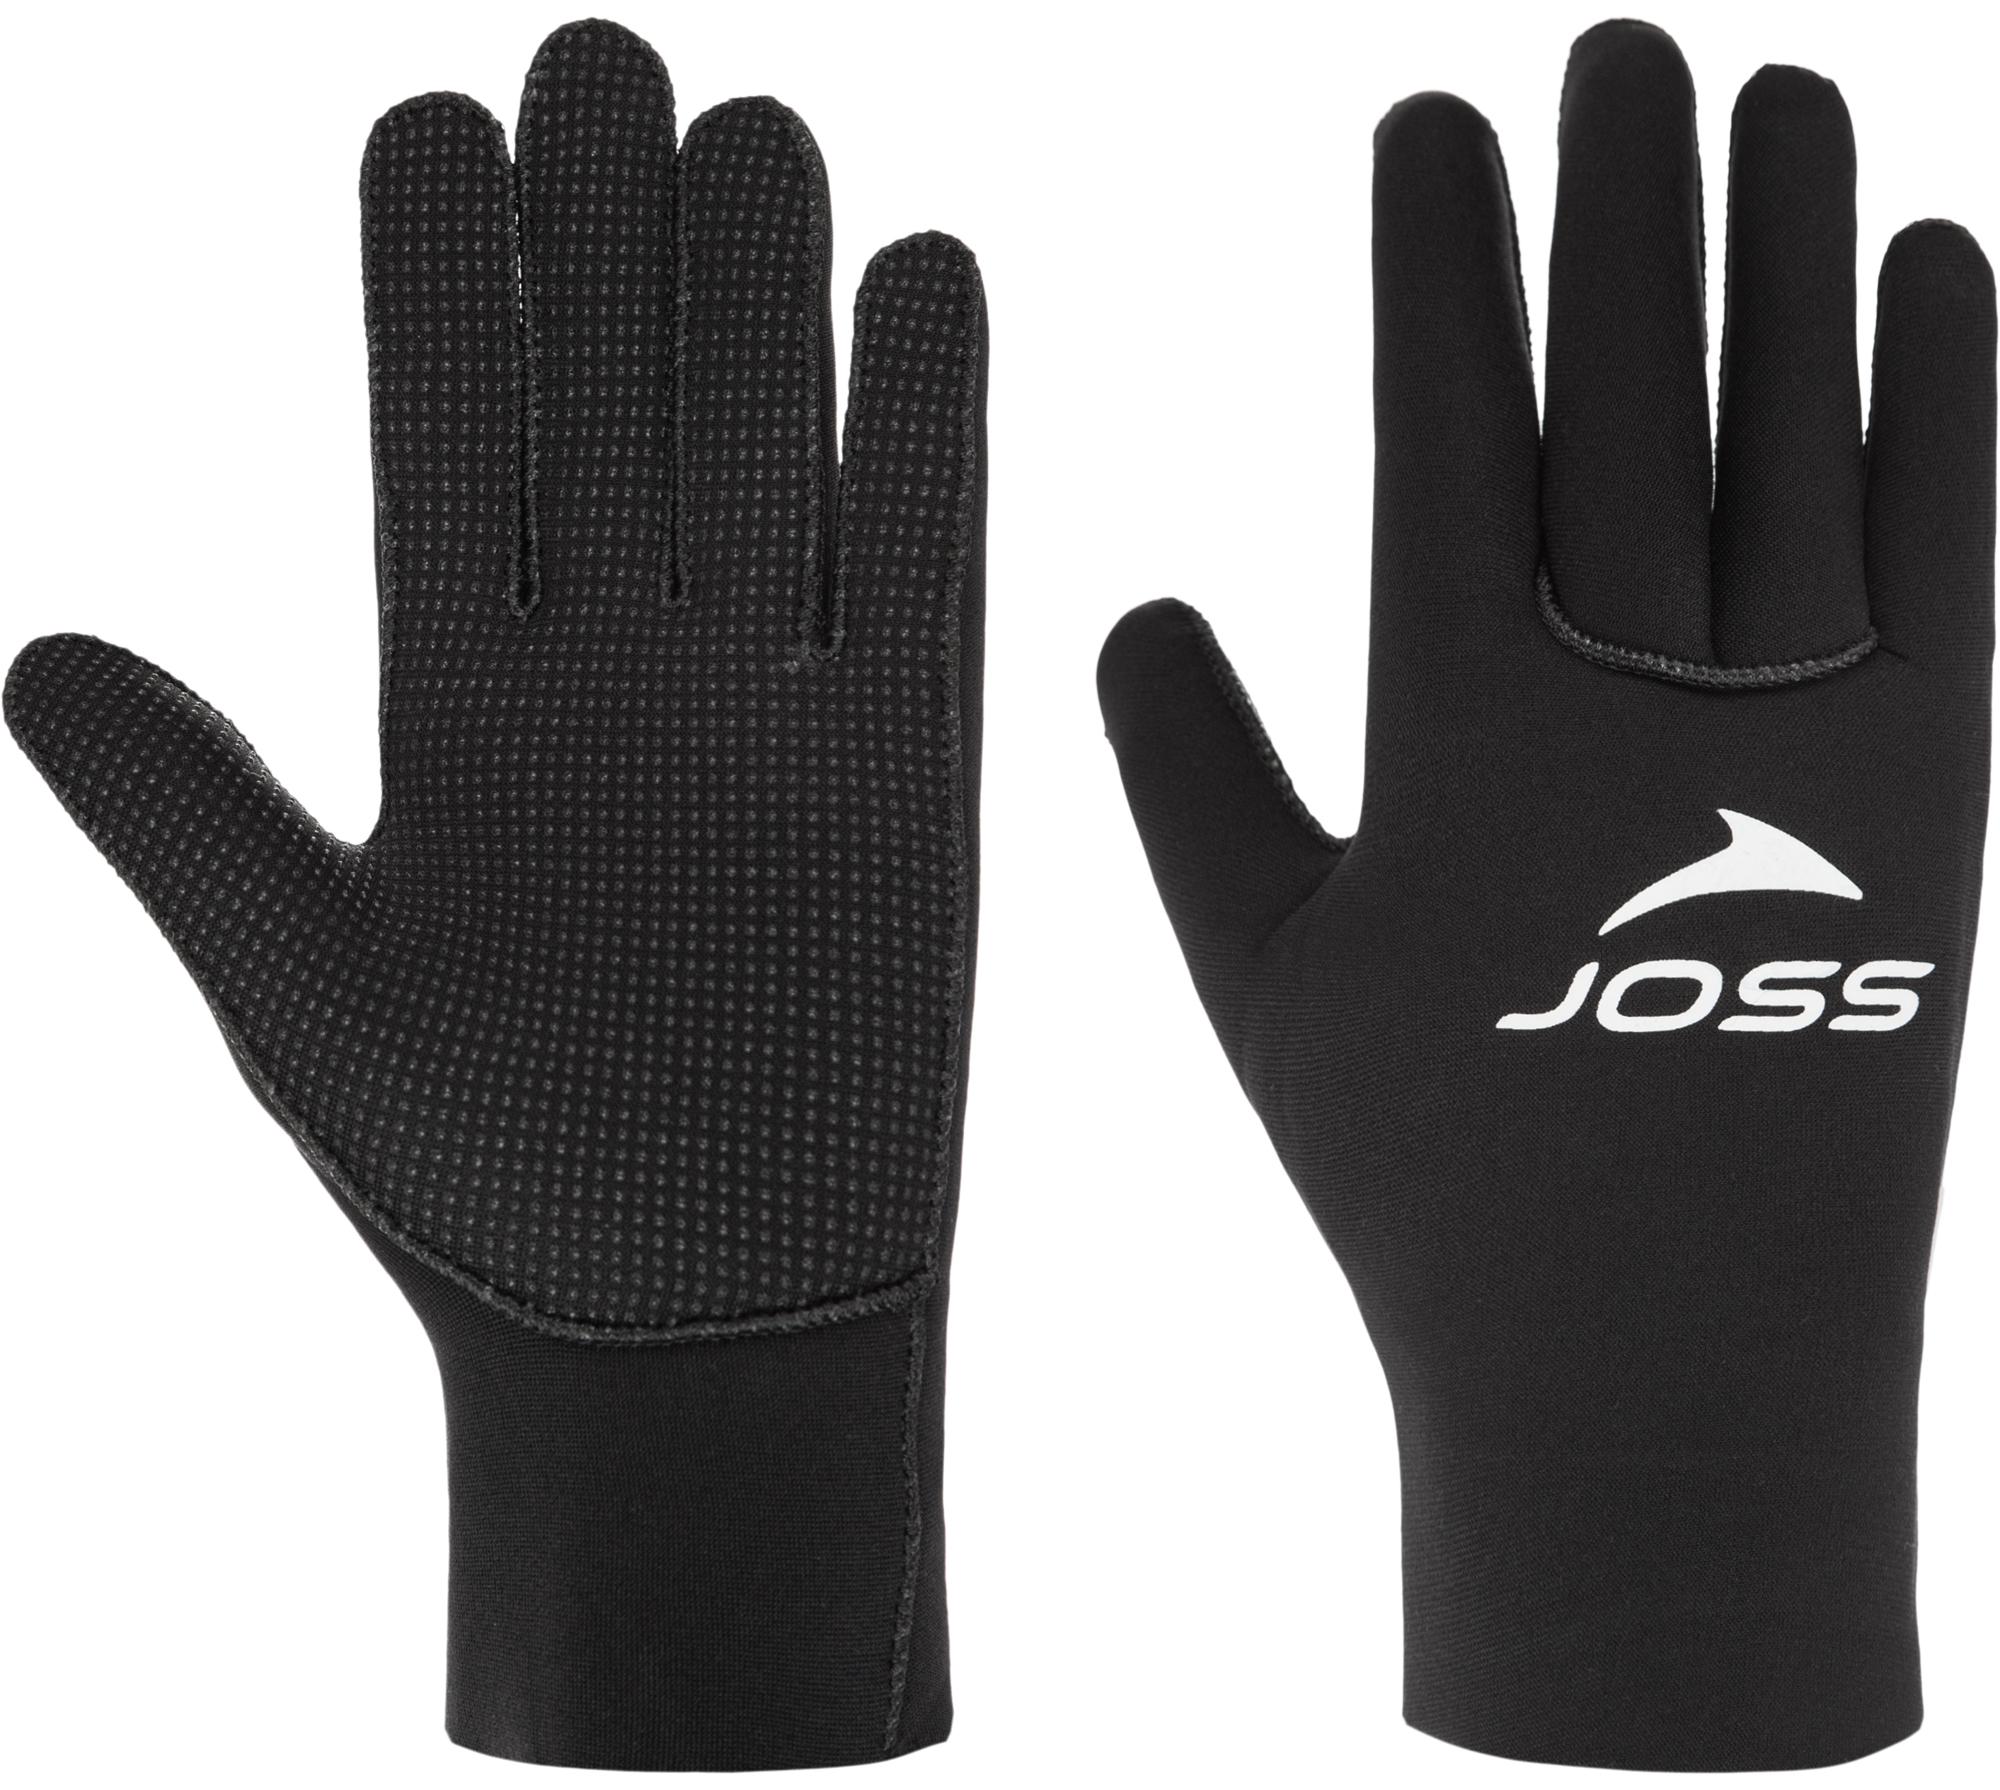 Joss Перчатки неопреновые Joss, 1,5 мм, размер 9